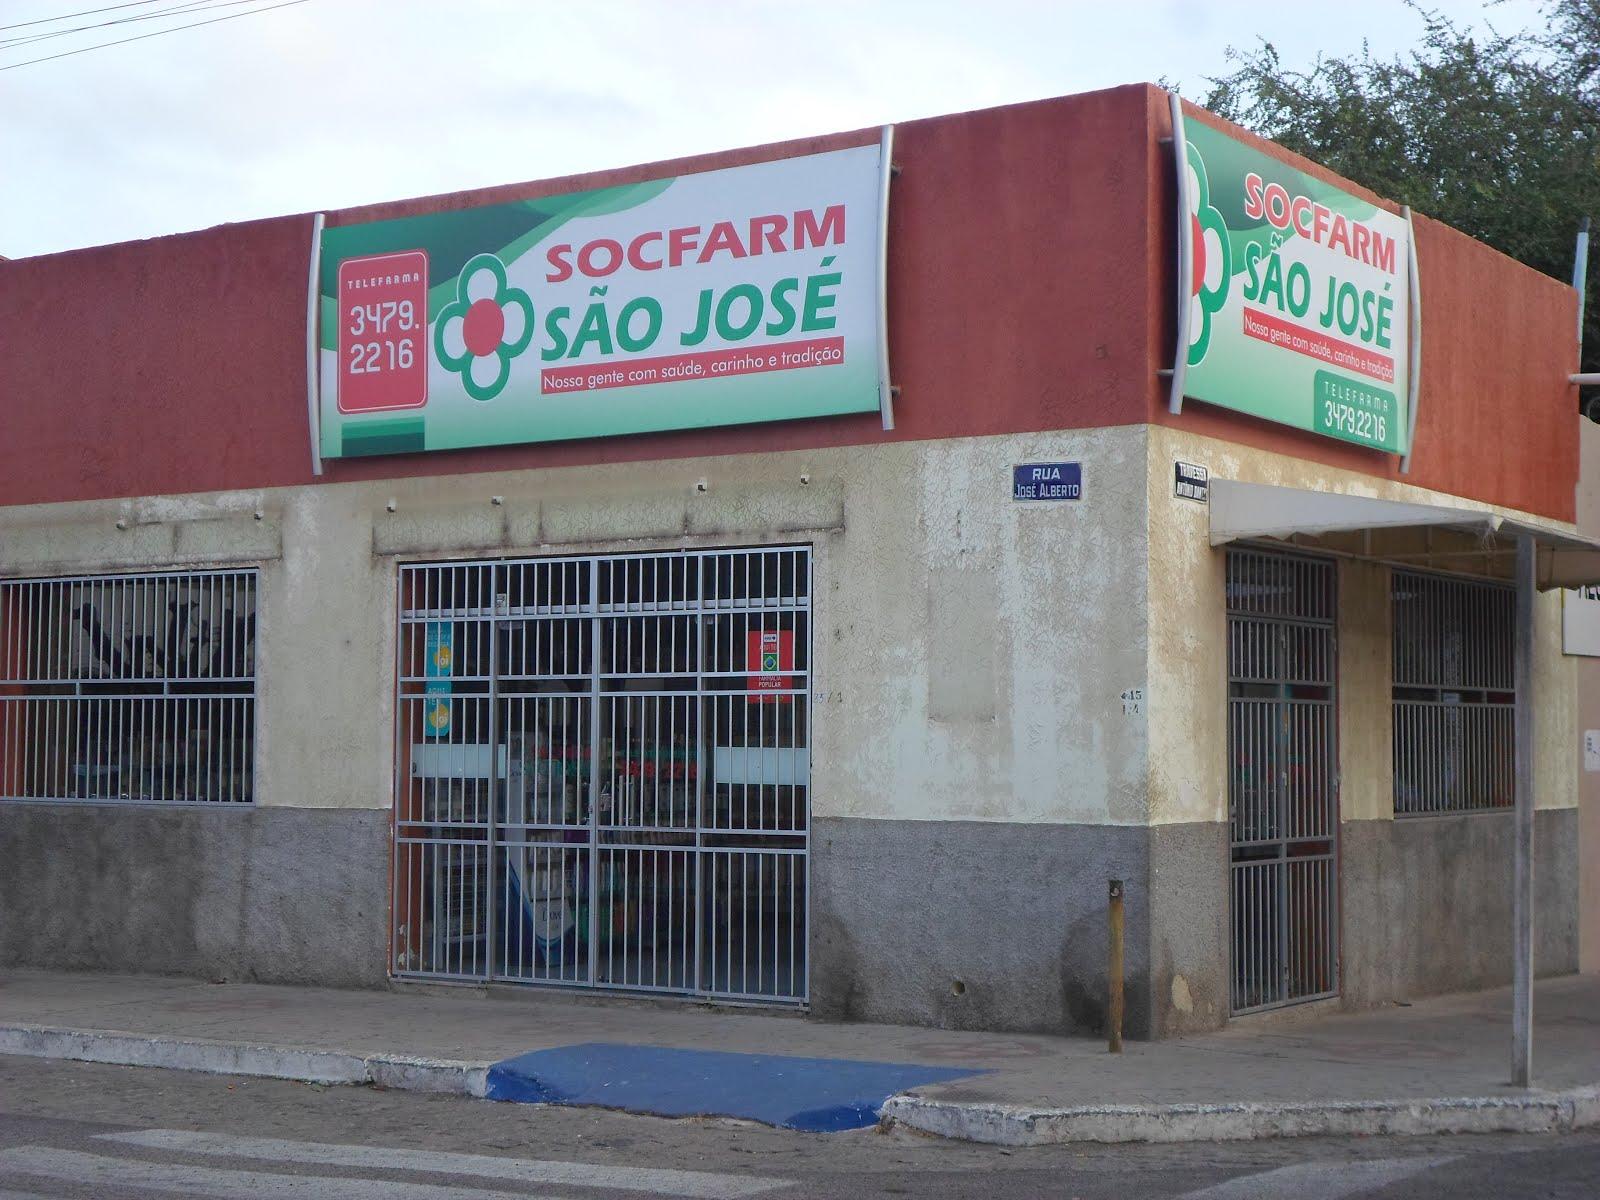 PUBLICIDADE: SOCFARM SÃO JOSÉ